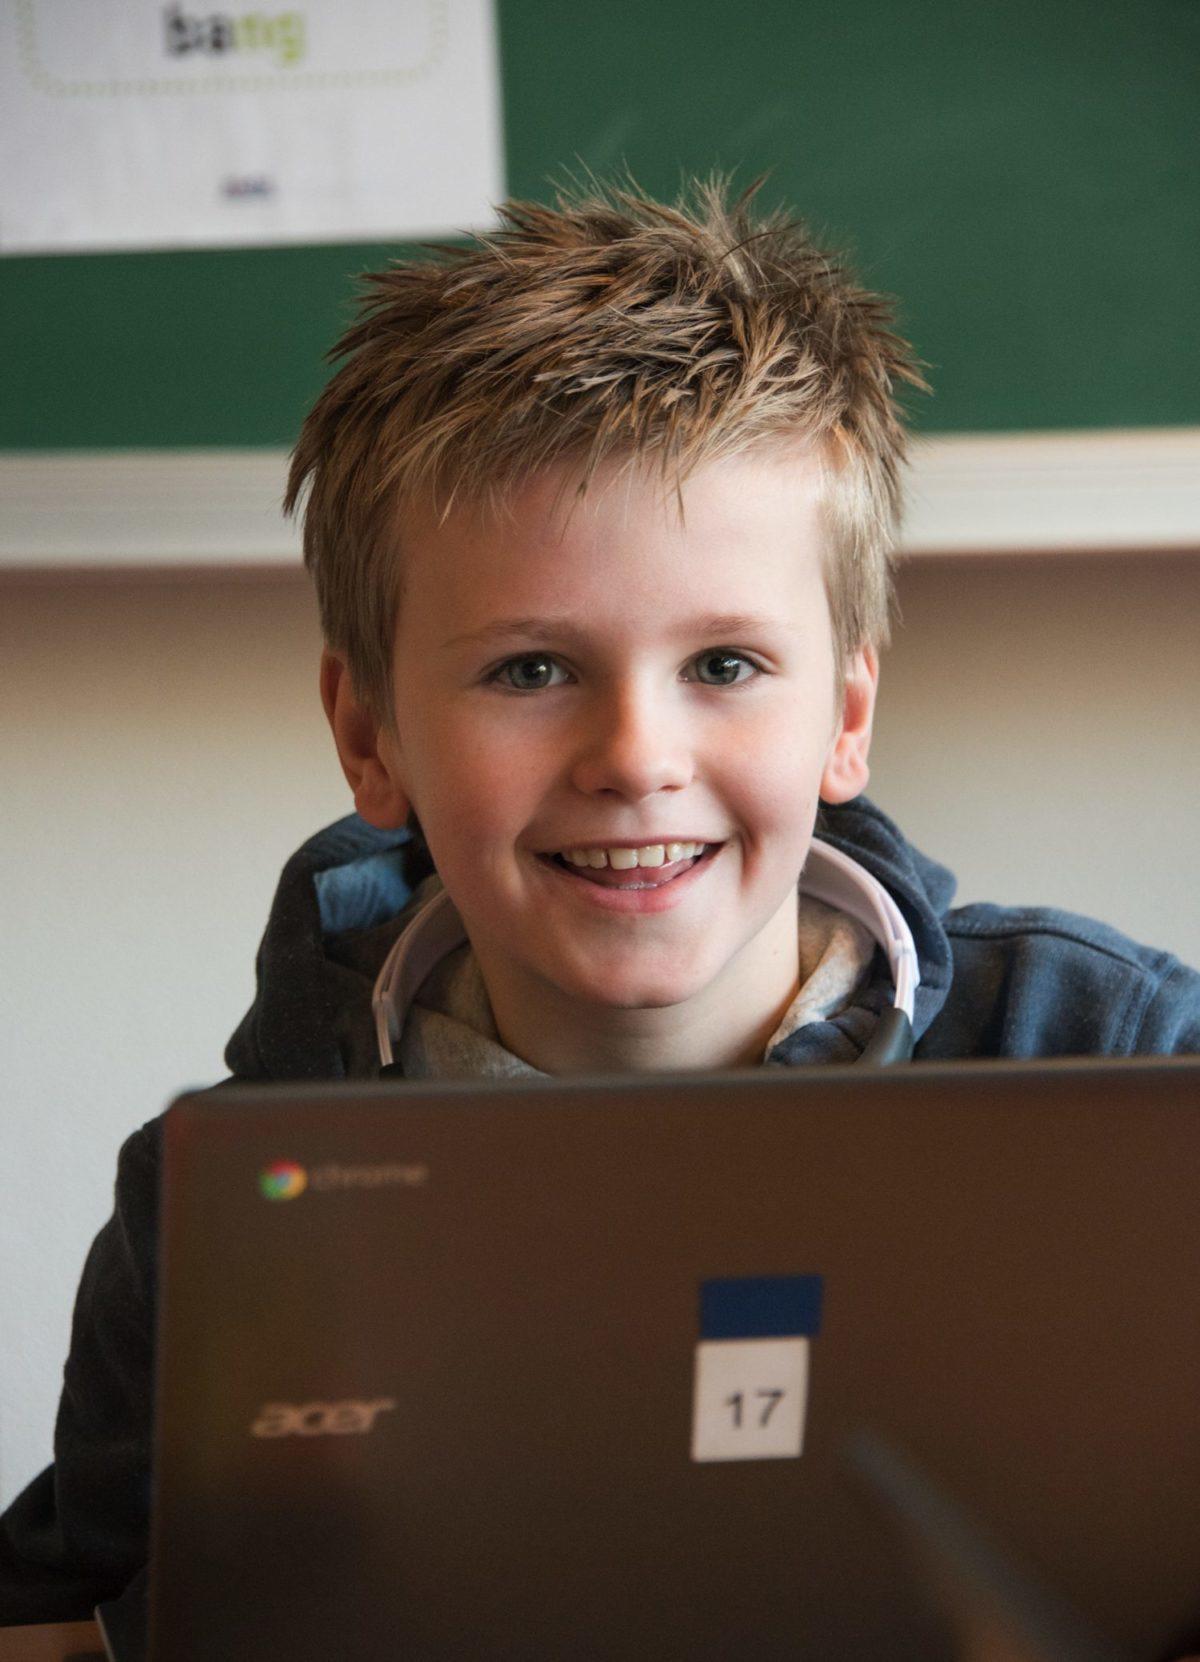 Paschalisschool - Werken op de laptop